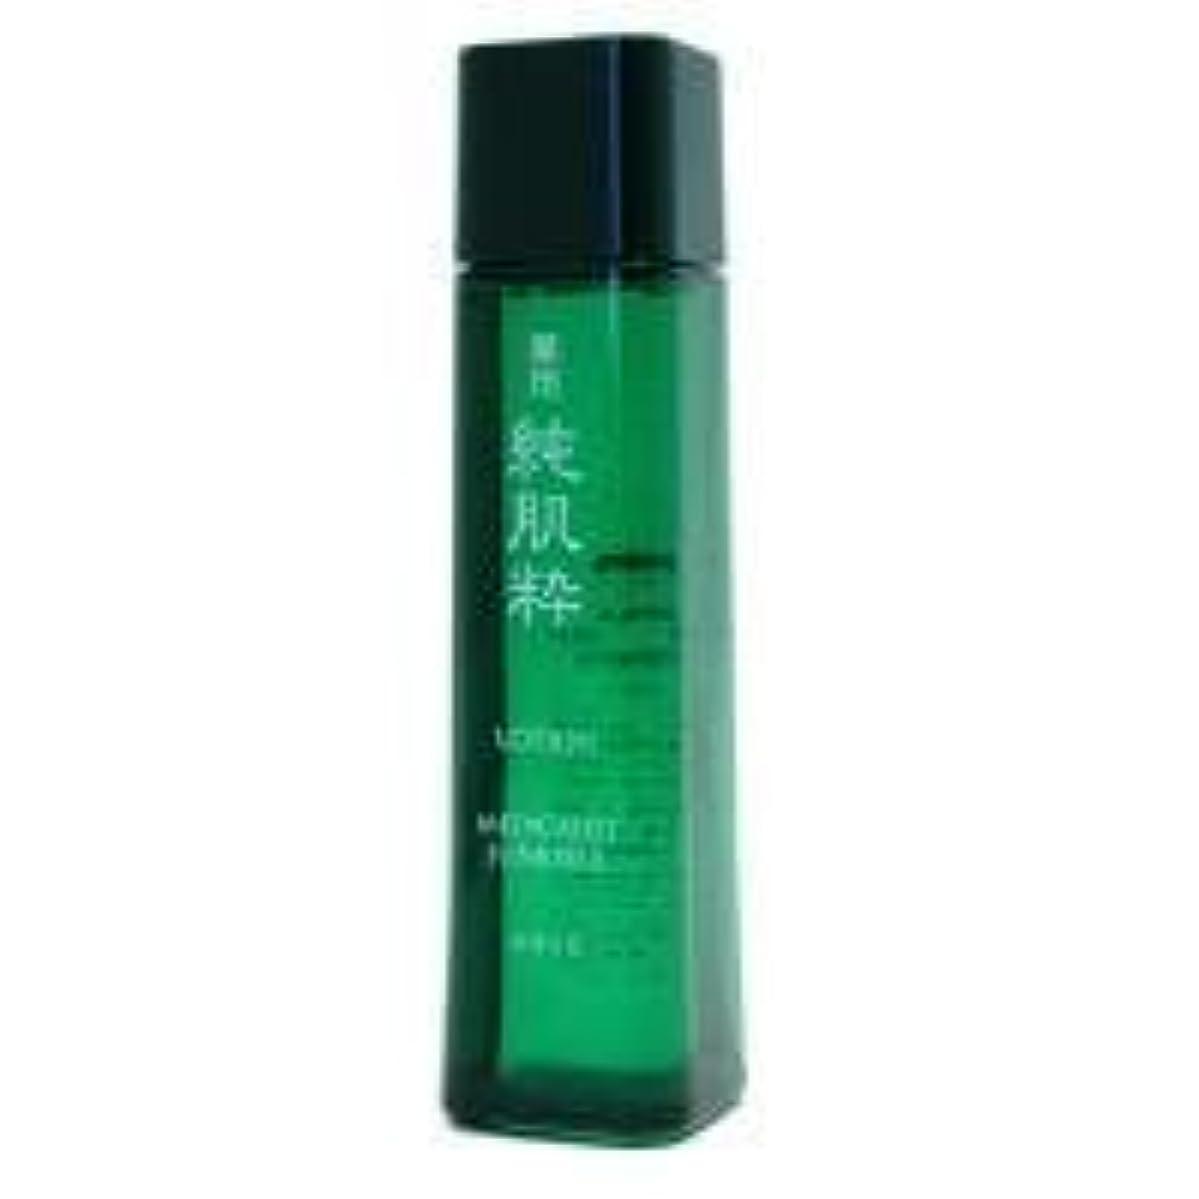 偶然のマーガレットミッチェル意味のあるコーセー 薬用 純肌粋 化粧水 150ml